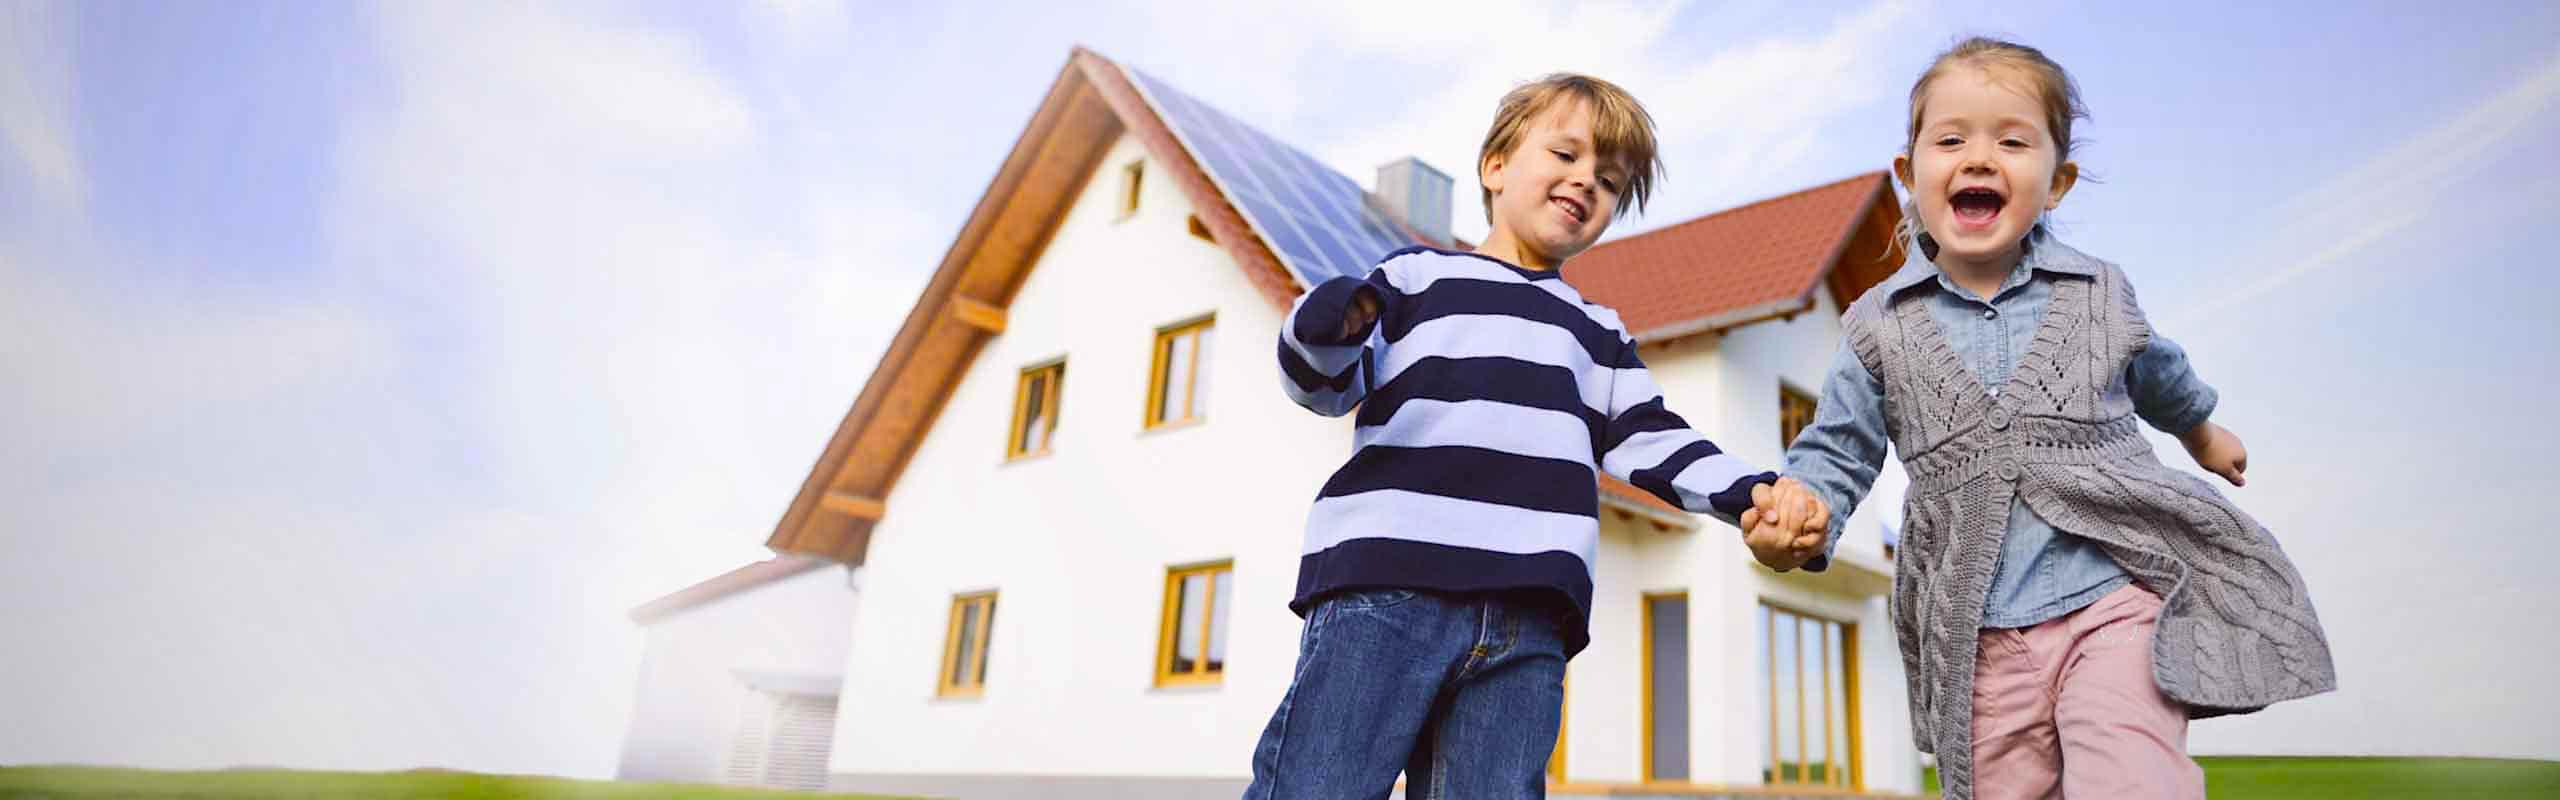 Pr t bancaire pr t relais financer votre maison for Acheter une maison construite par un particulier